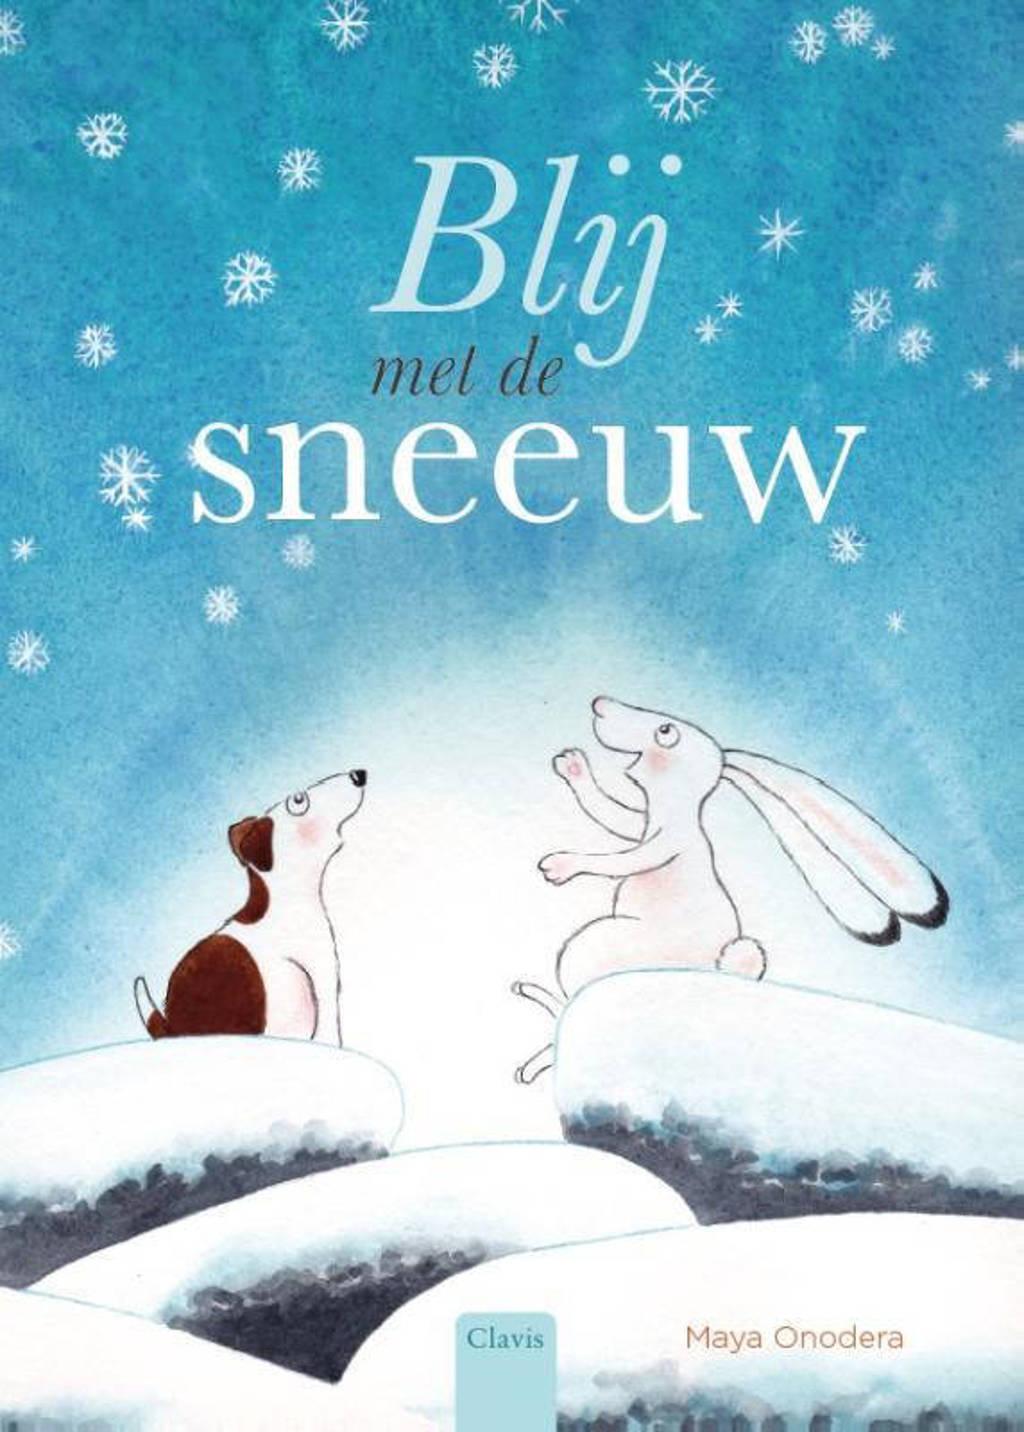 Blij met de sneeuw - Maya Onodera